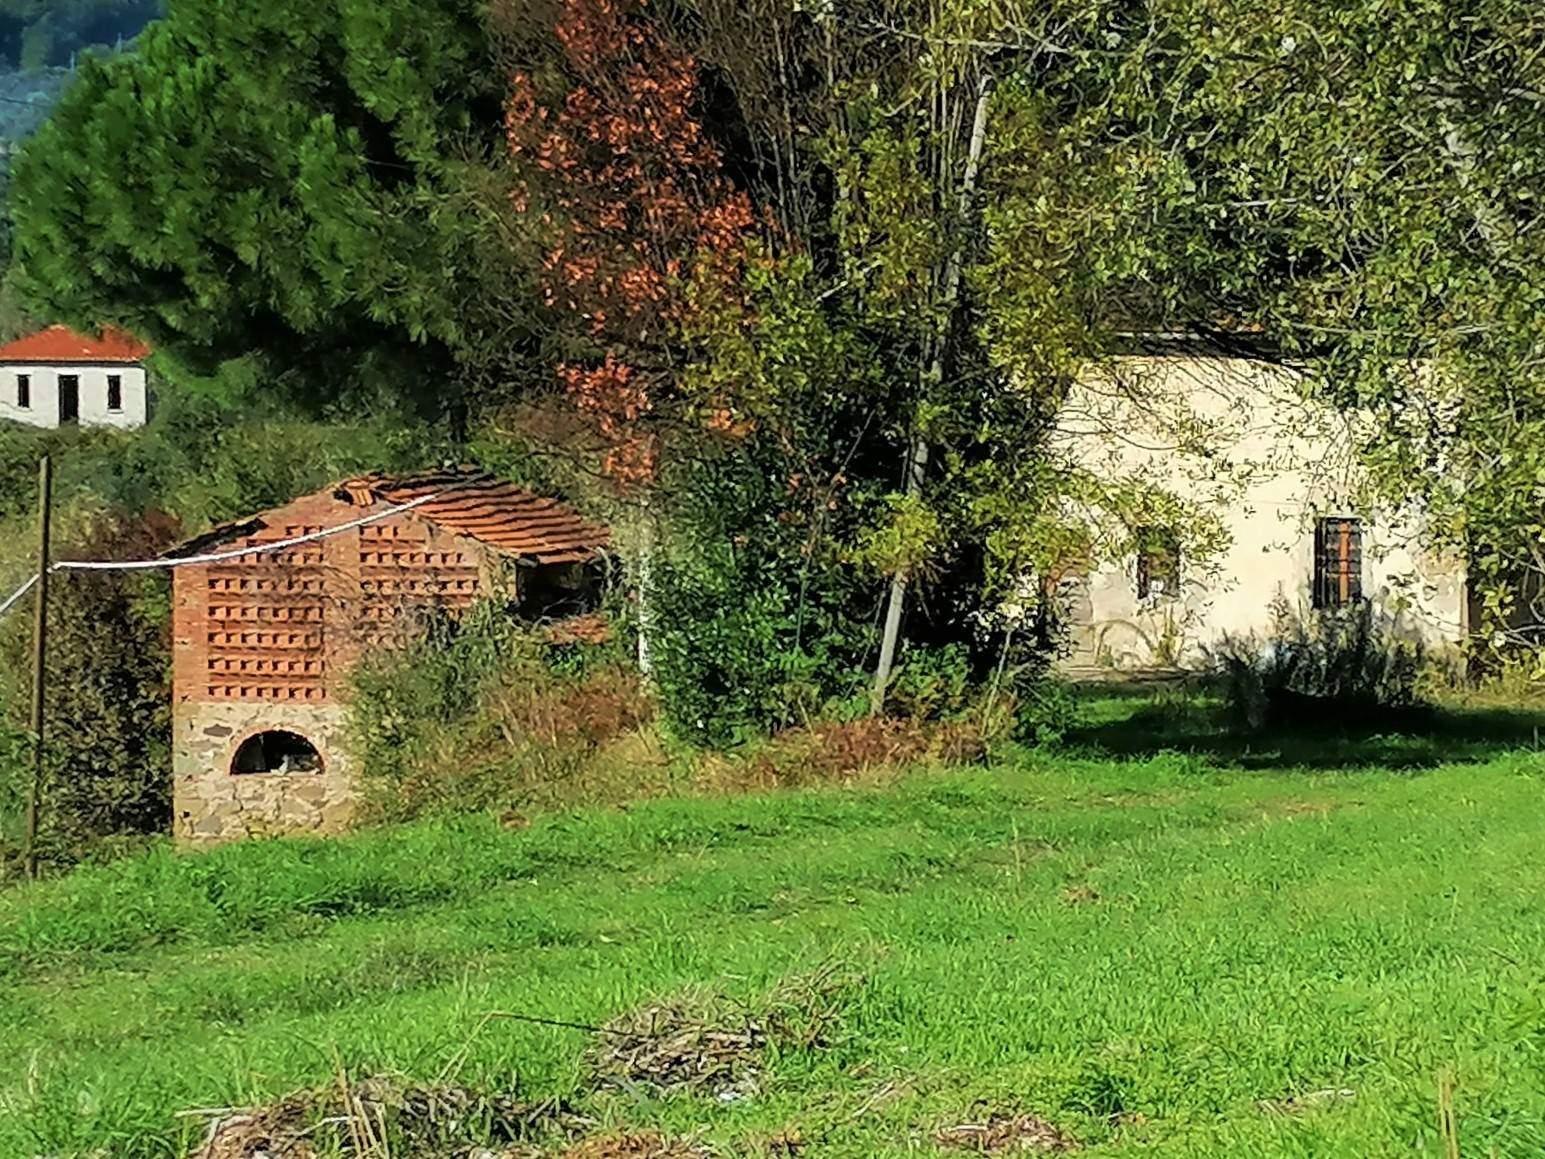 MASSA E COZZILE, Rustico casale in vendita, Da ristrutturare, composto da: 10 Vani, Prezzo: € 300.000